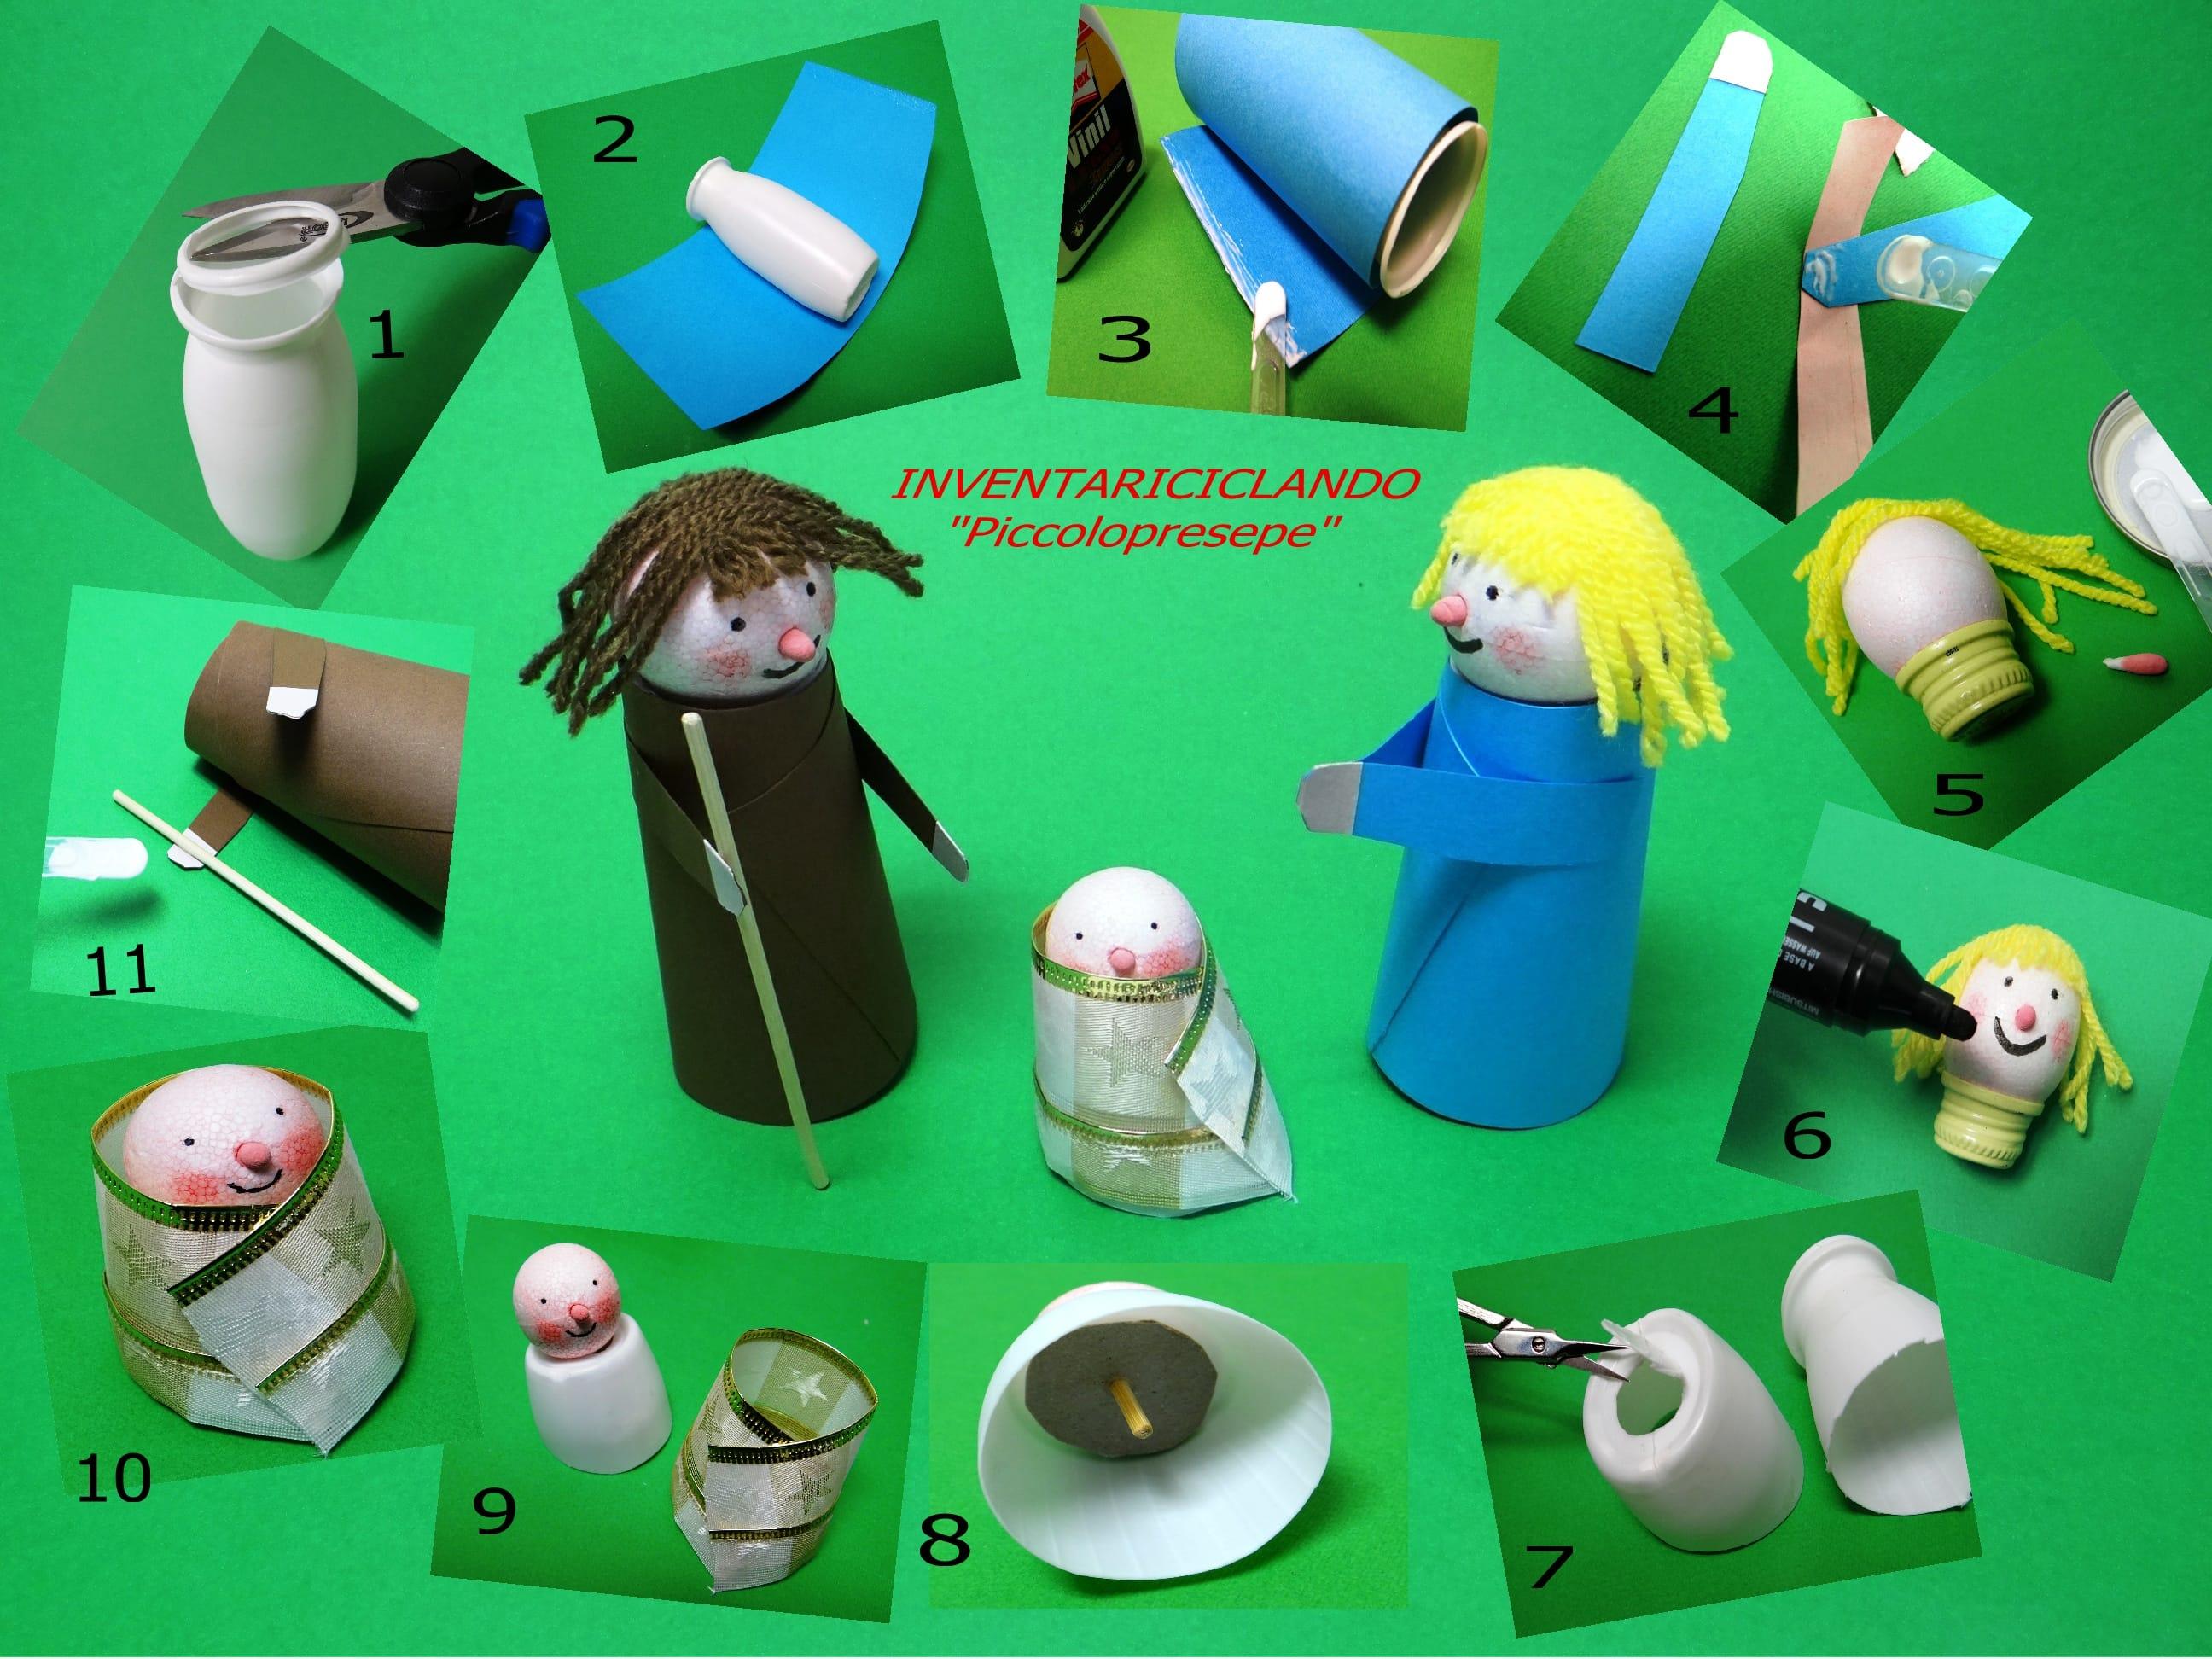 Bricolage Con Bottiglie Di Plastica.Presepe Fai Da Te Con Materiale Di Riciclo Non Sprecare